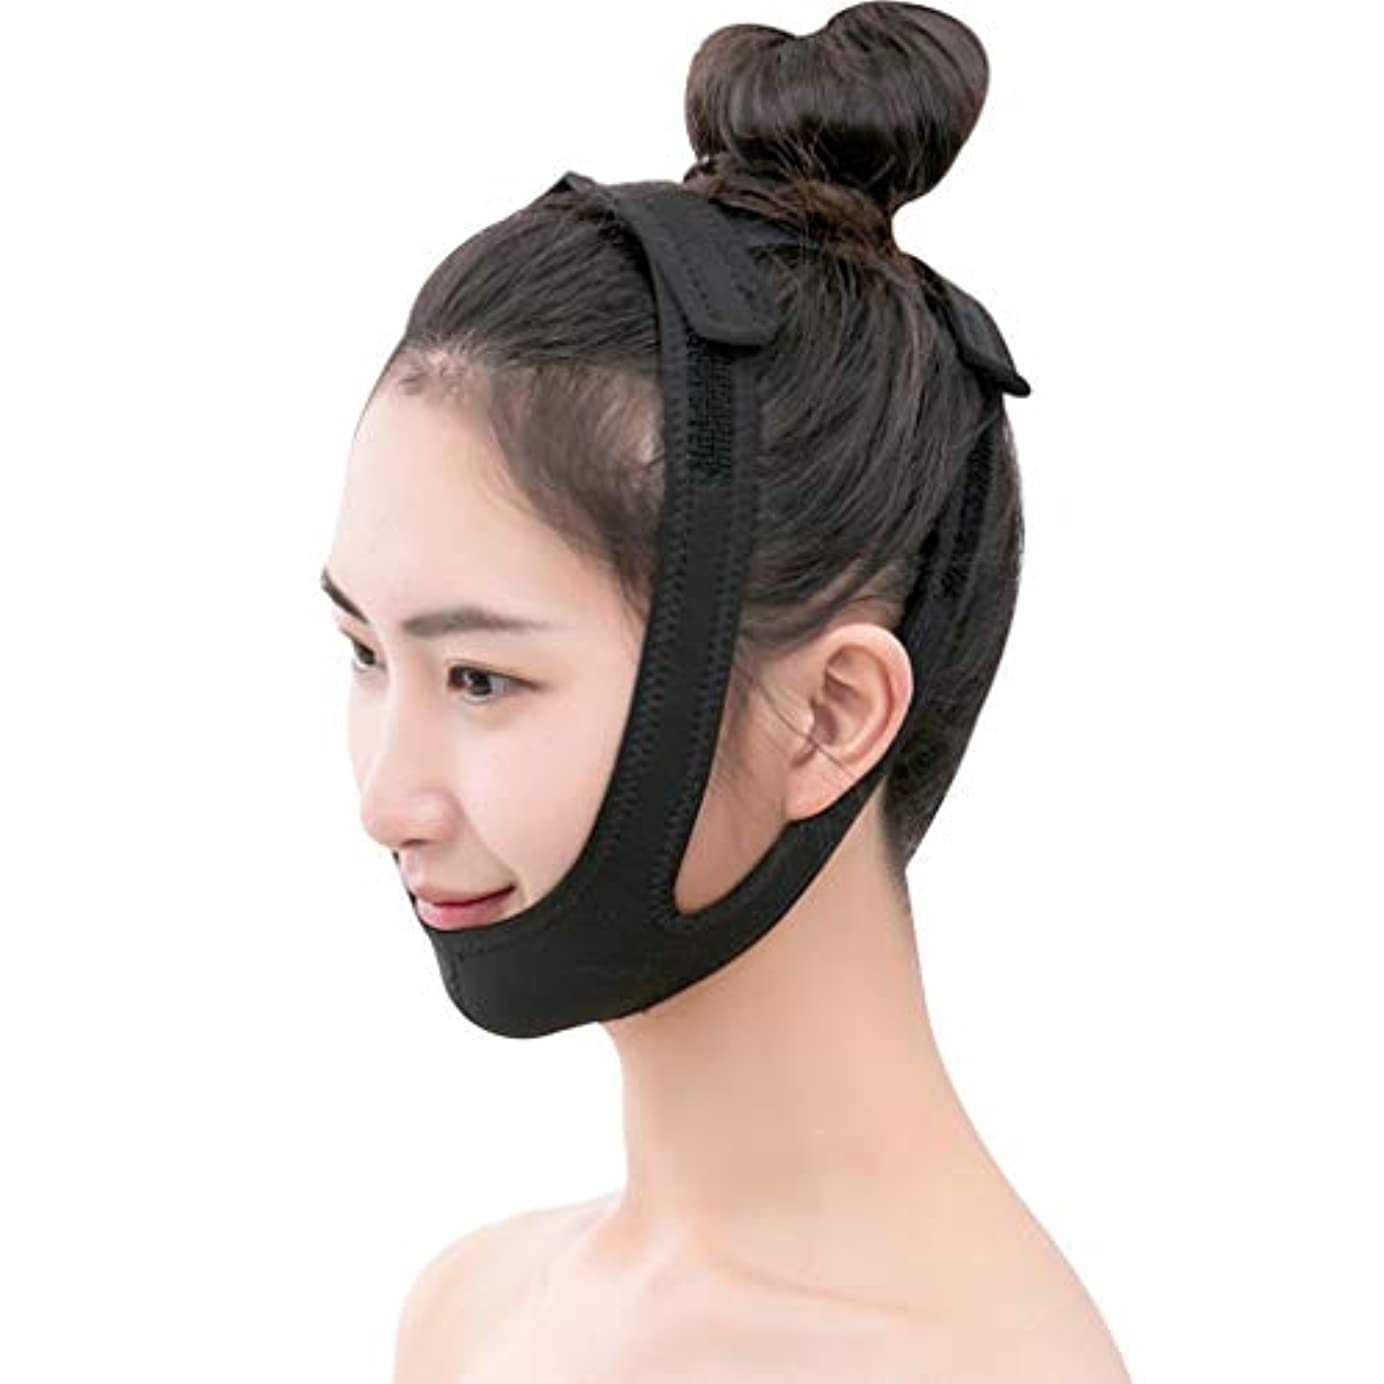 高度フック手当顔リフト手術回復ライン彫刻顔リフト顔のリフト v 顔睡眠マスク